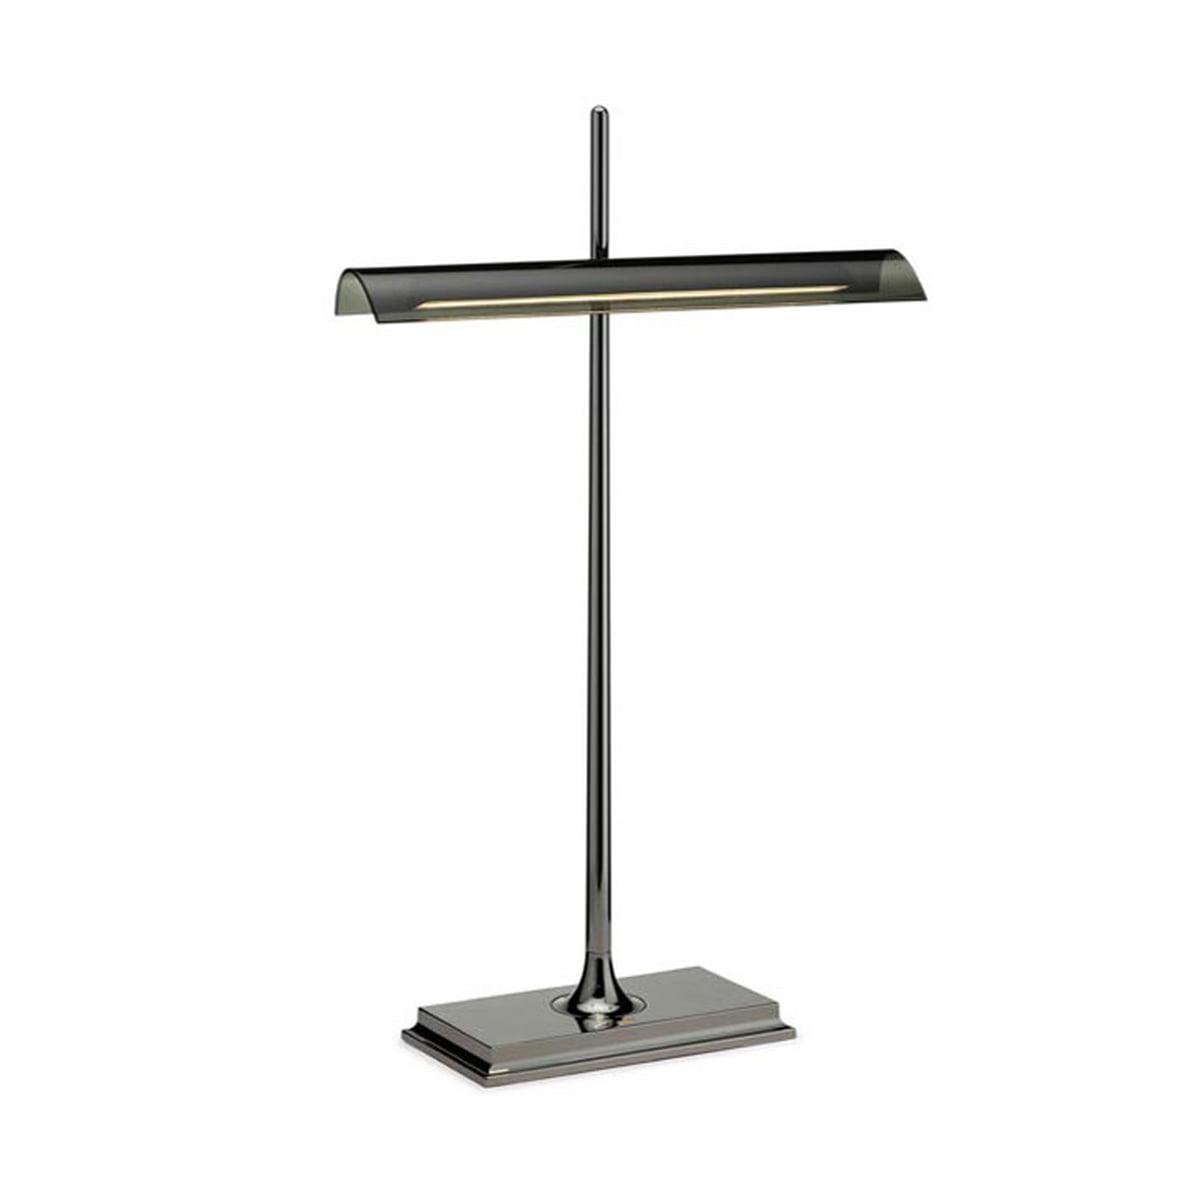 Flos   Goldman Table Lamp, Nickel Base And Smoke Grey Diffusor